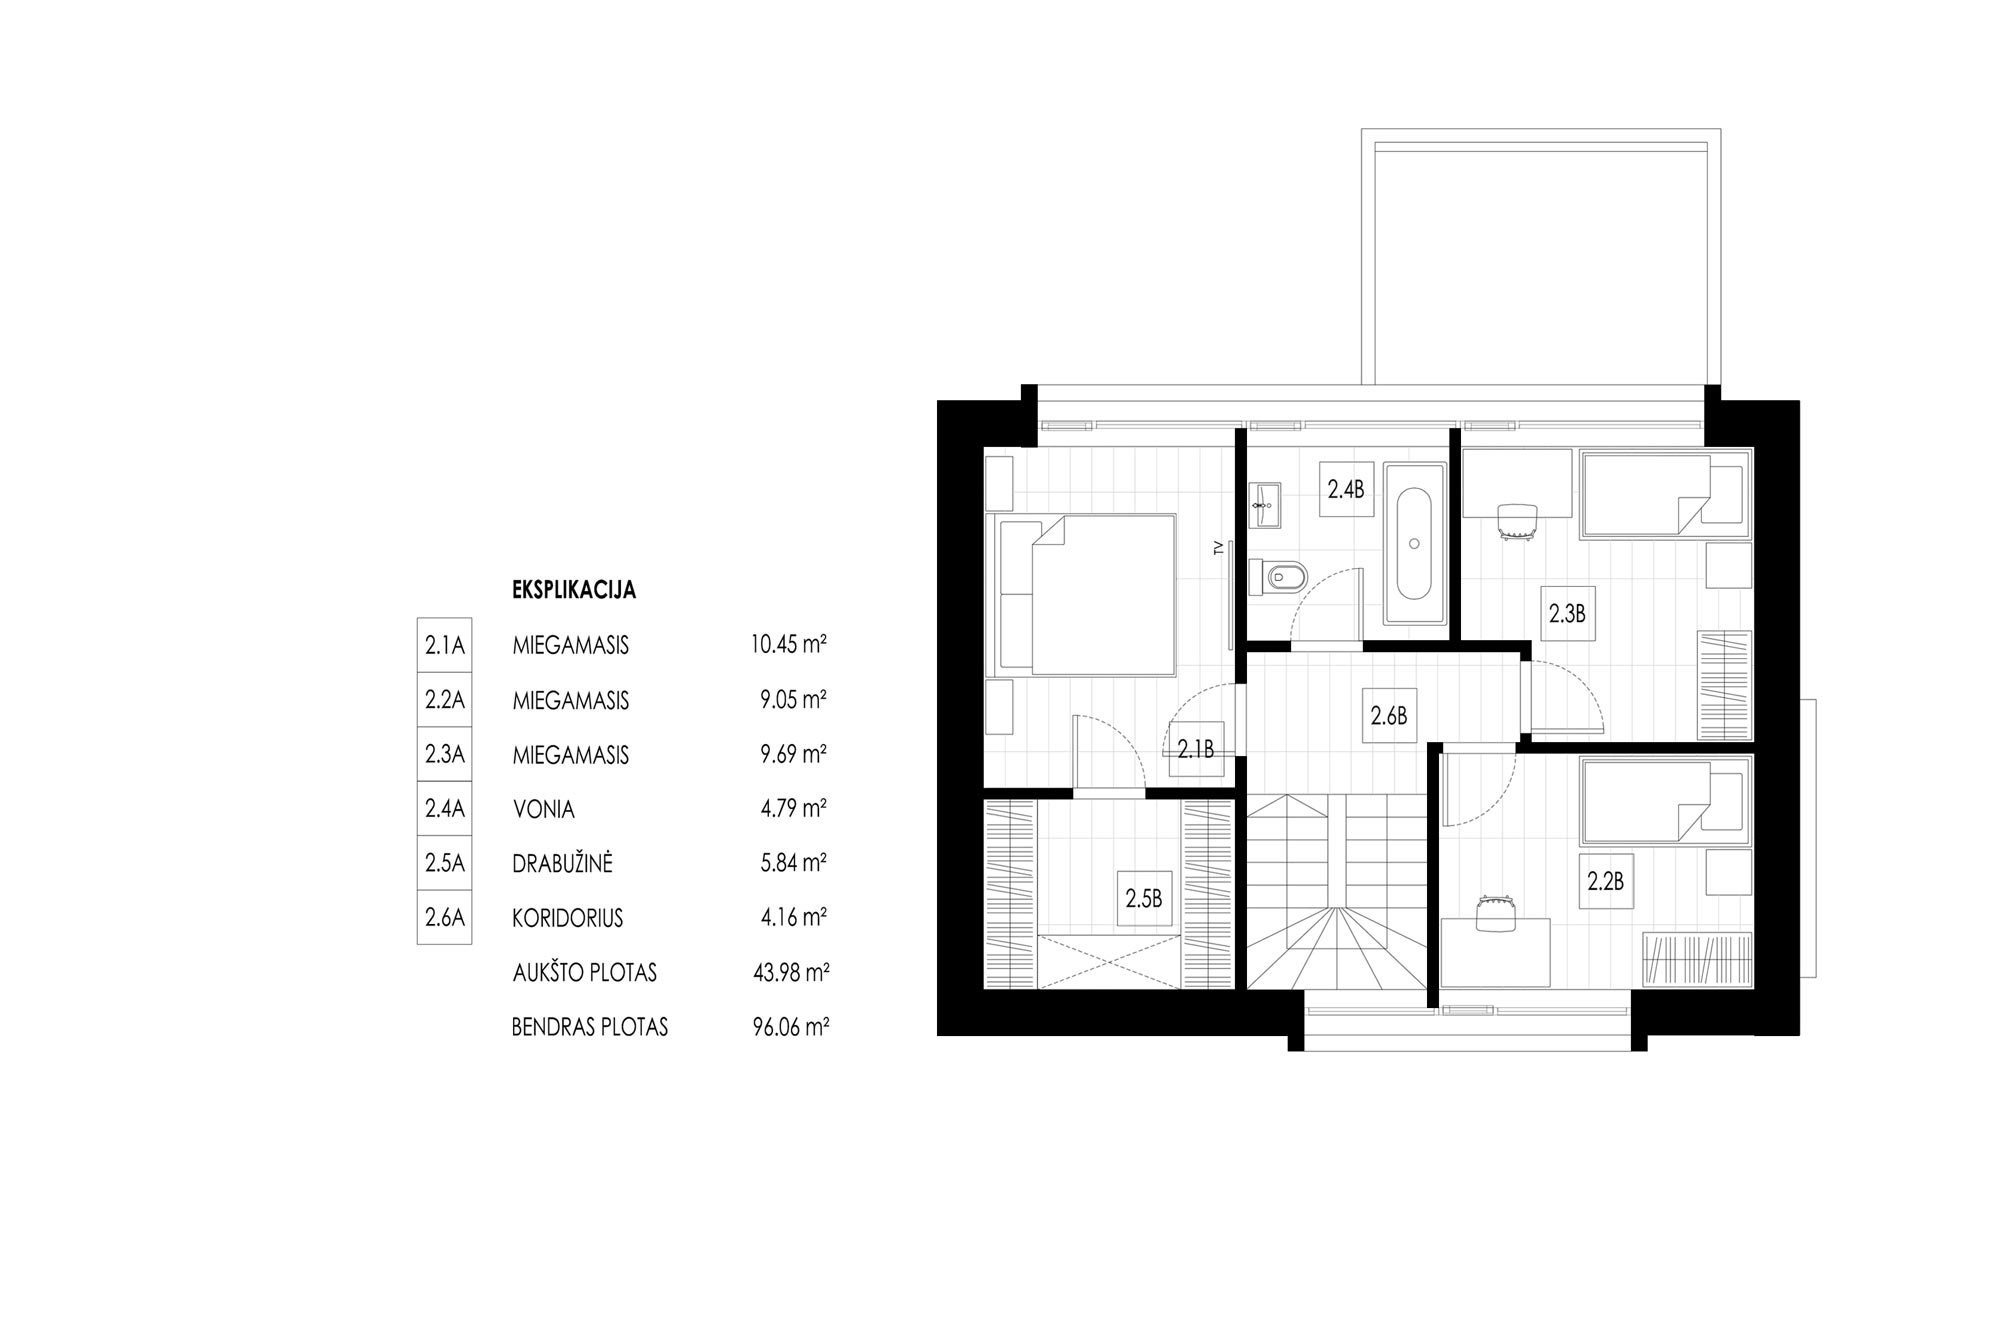 kubinis-metras_balti-balti-namai_kvartalas_2a-planas